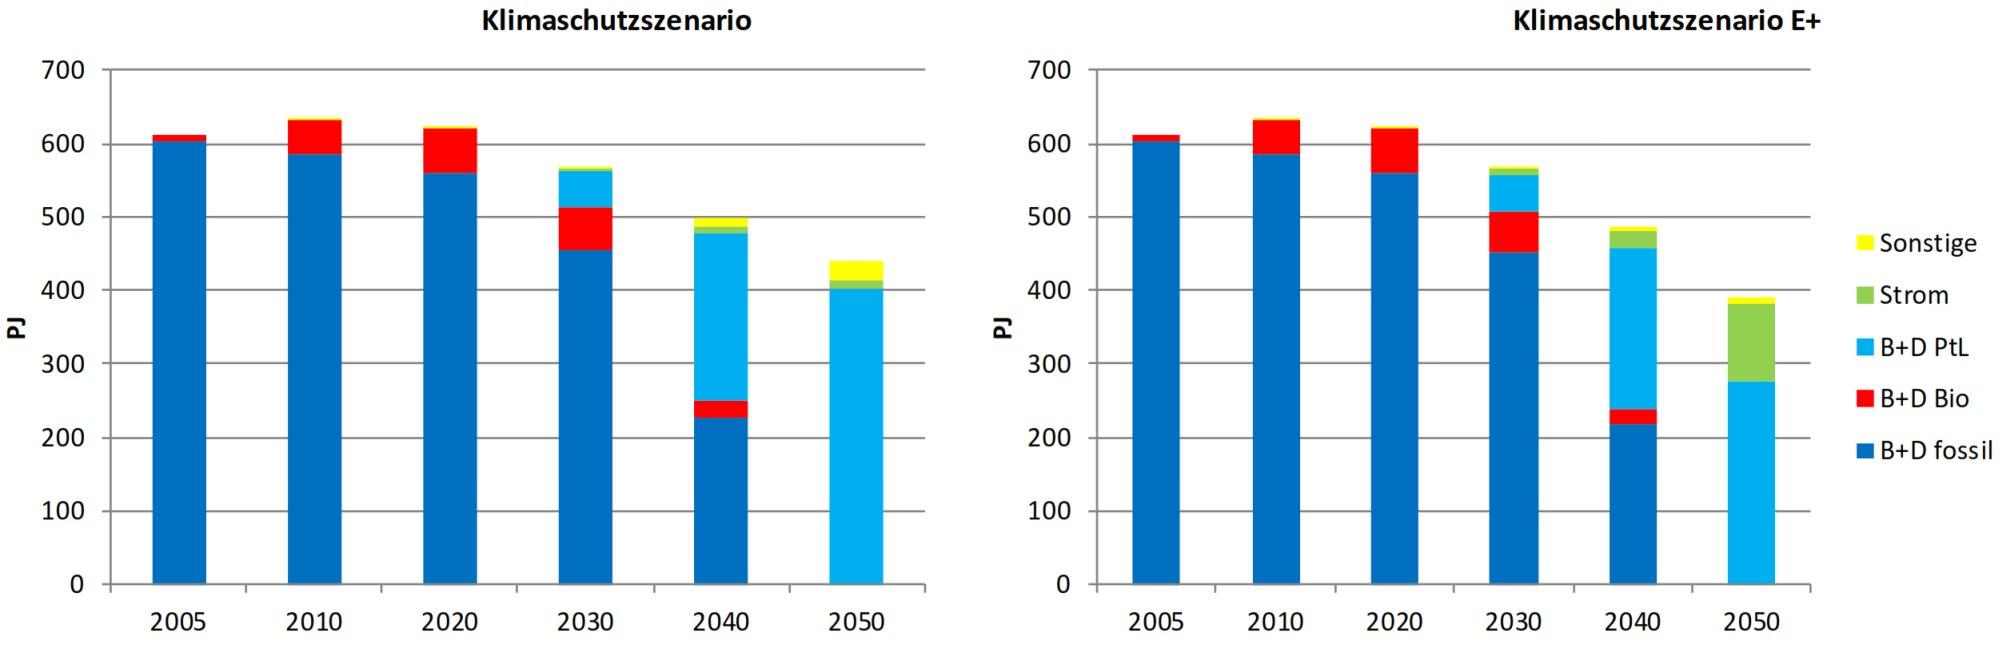 Endenergiebedarf Straßengüterverkehr Oberleitungs-Lkw Klimaschutz Verkehr 2050